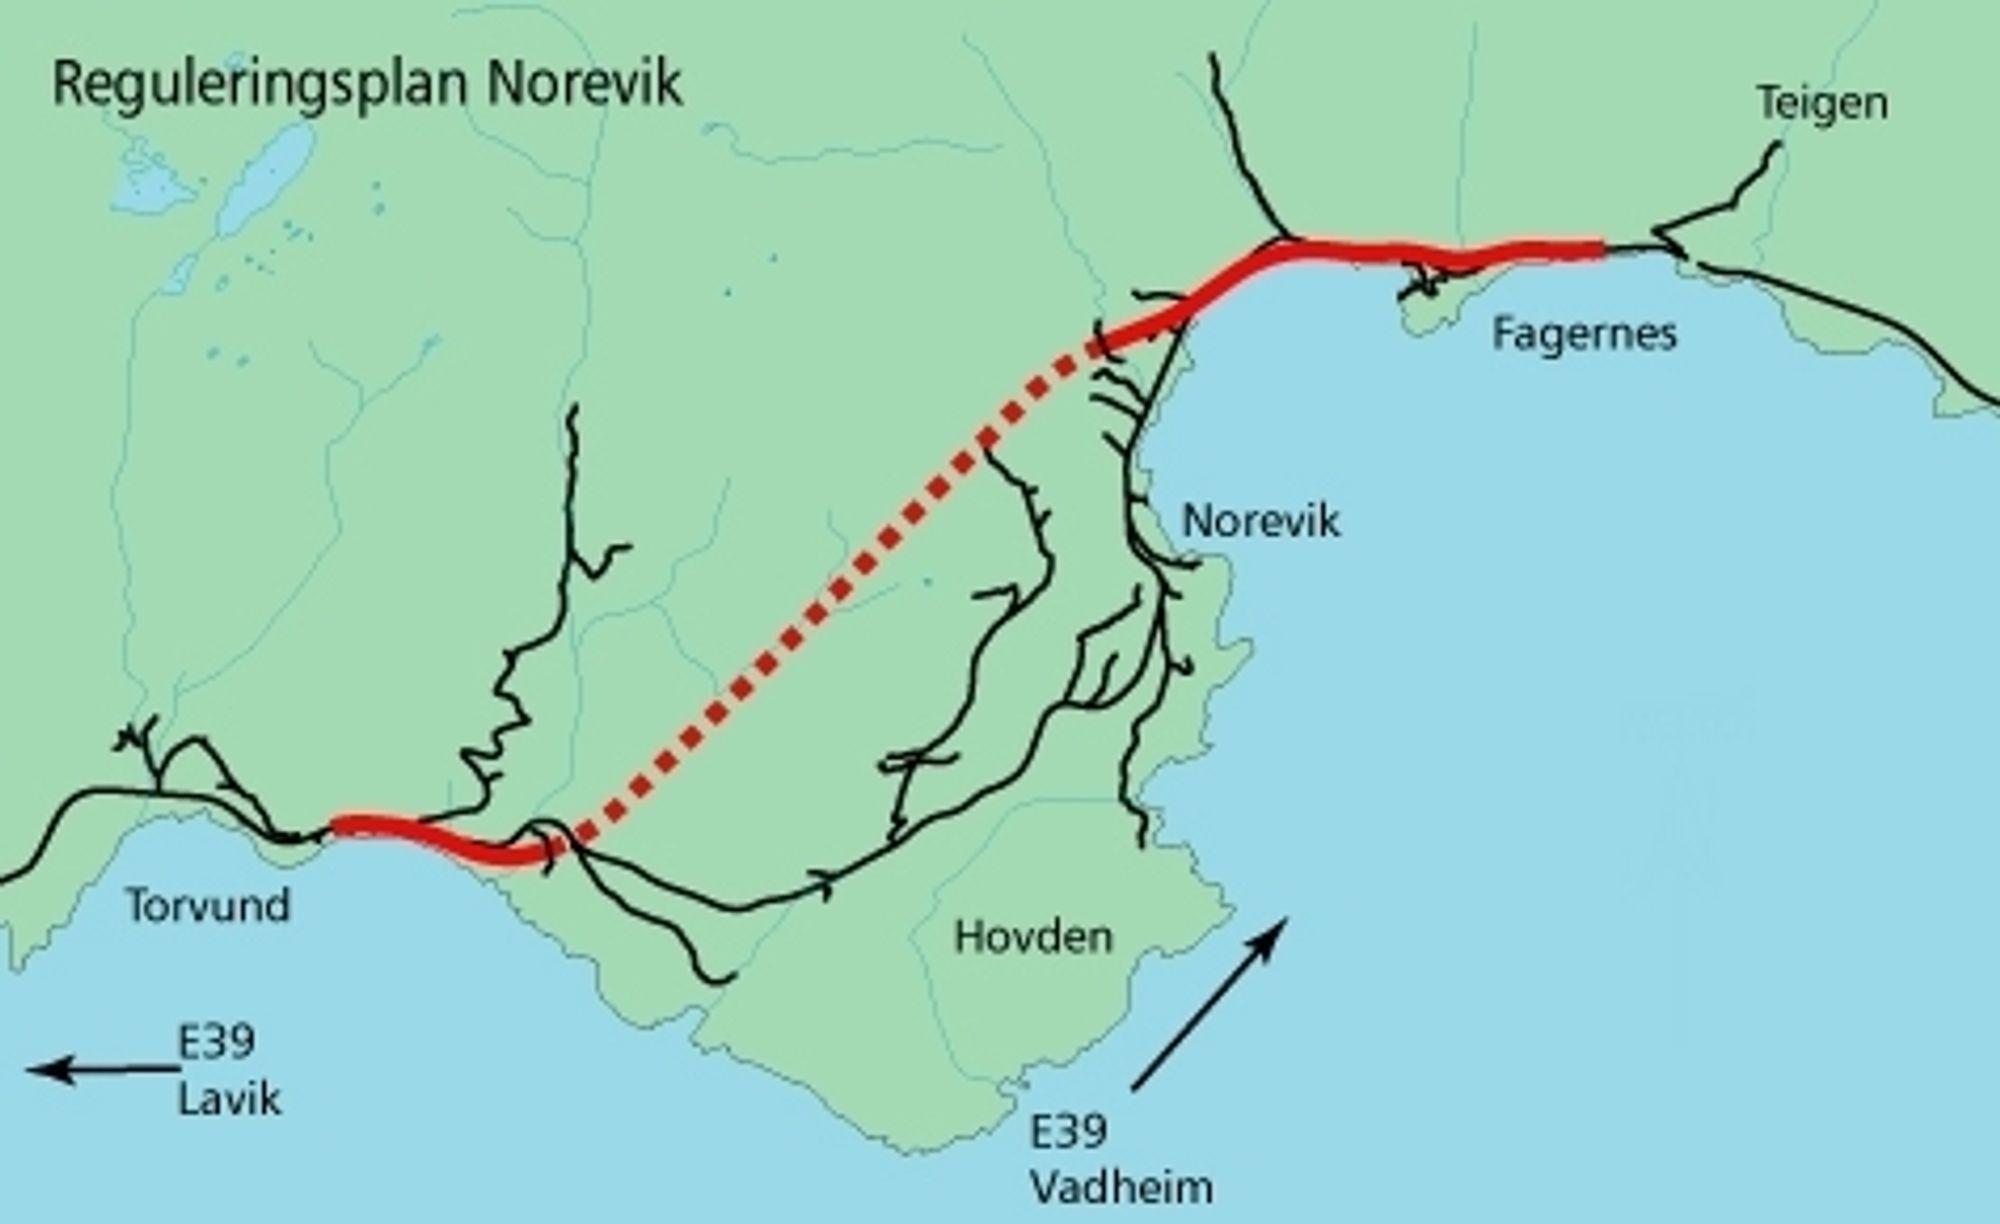 1. desember skal Noreviktunnelen være klar til bruk. Da blir en bratt og smal vegstrekning med mange farlige avkjøringer fjernet fra europavegnettet. Ill.: Statens vegvesen